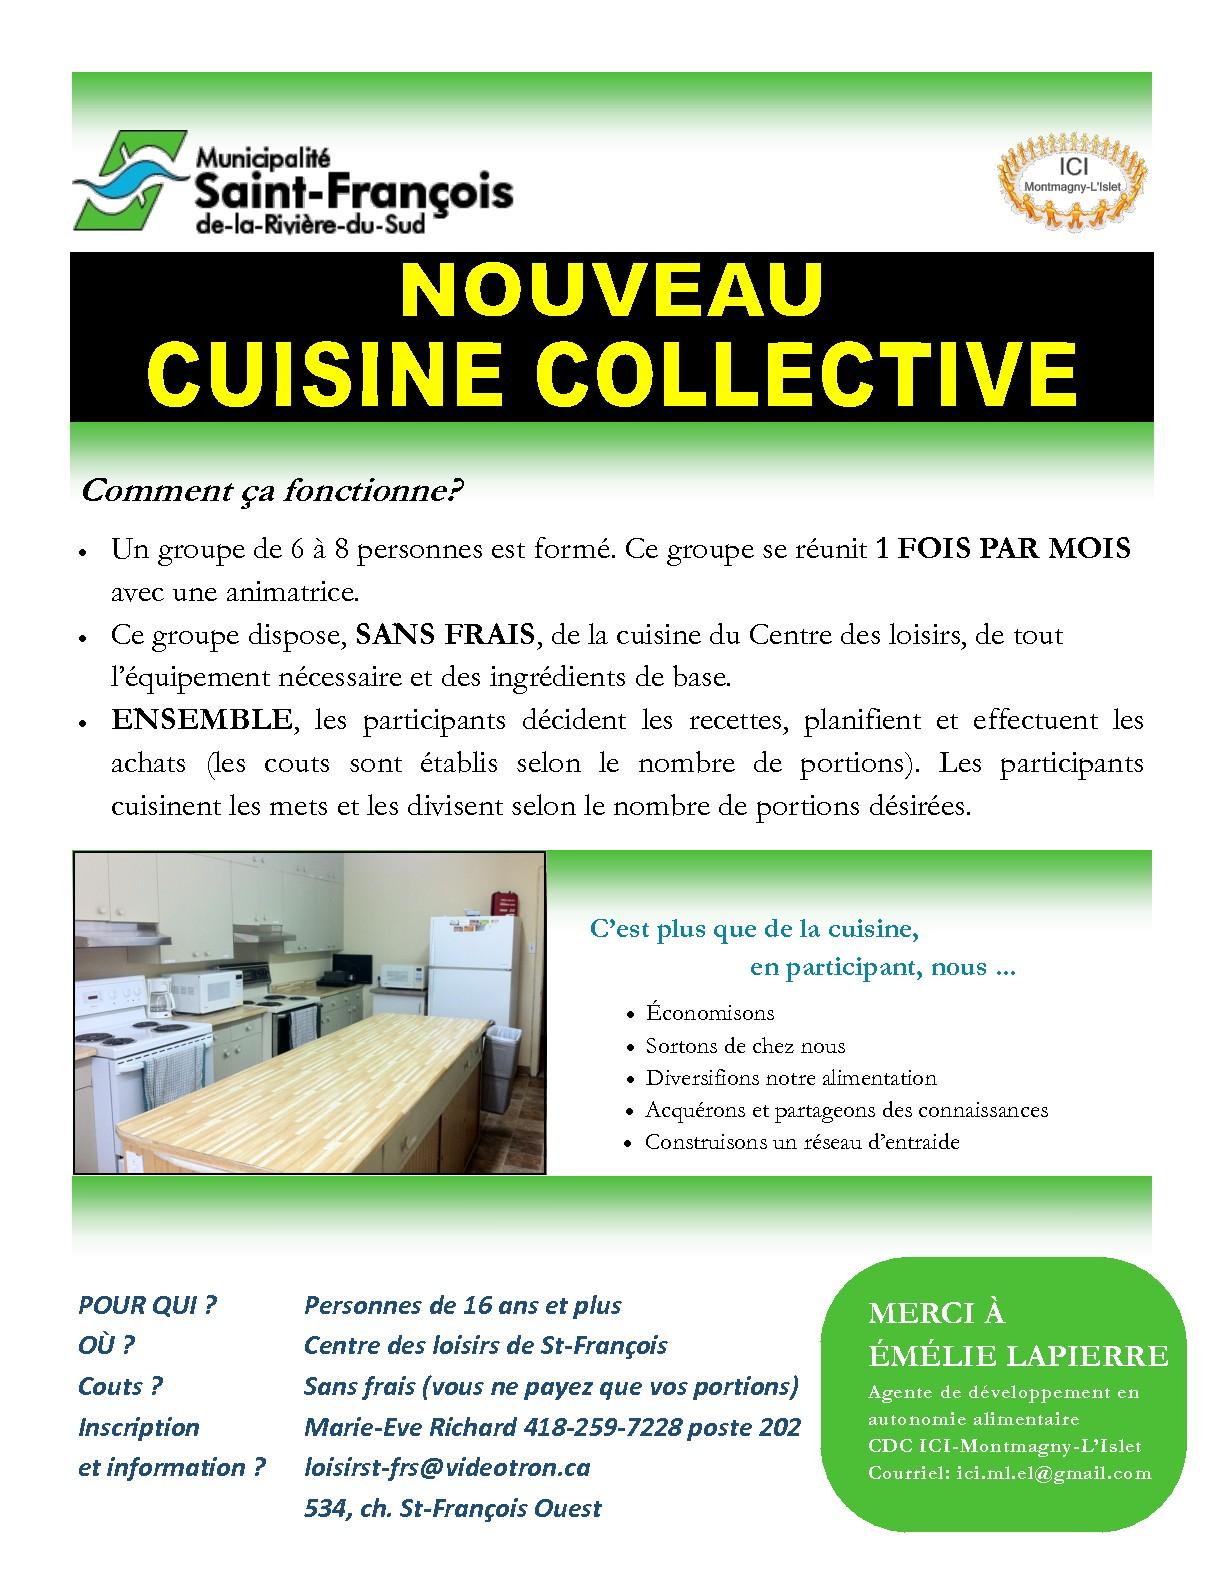 La cdc ici montmagny l 39 islet nouveau cuisine collective - Competence cuisine collective ...